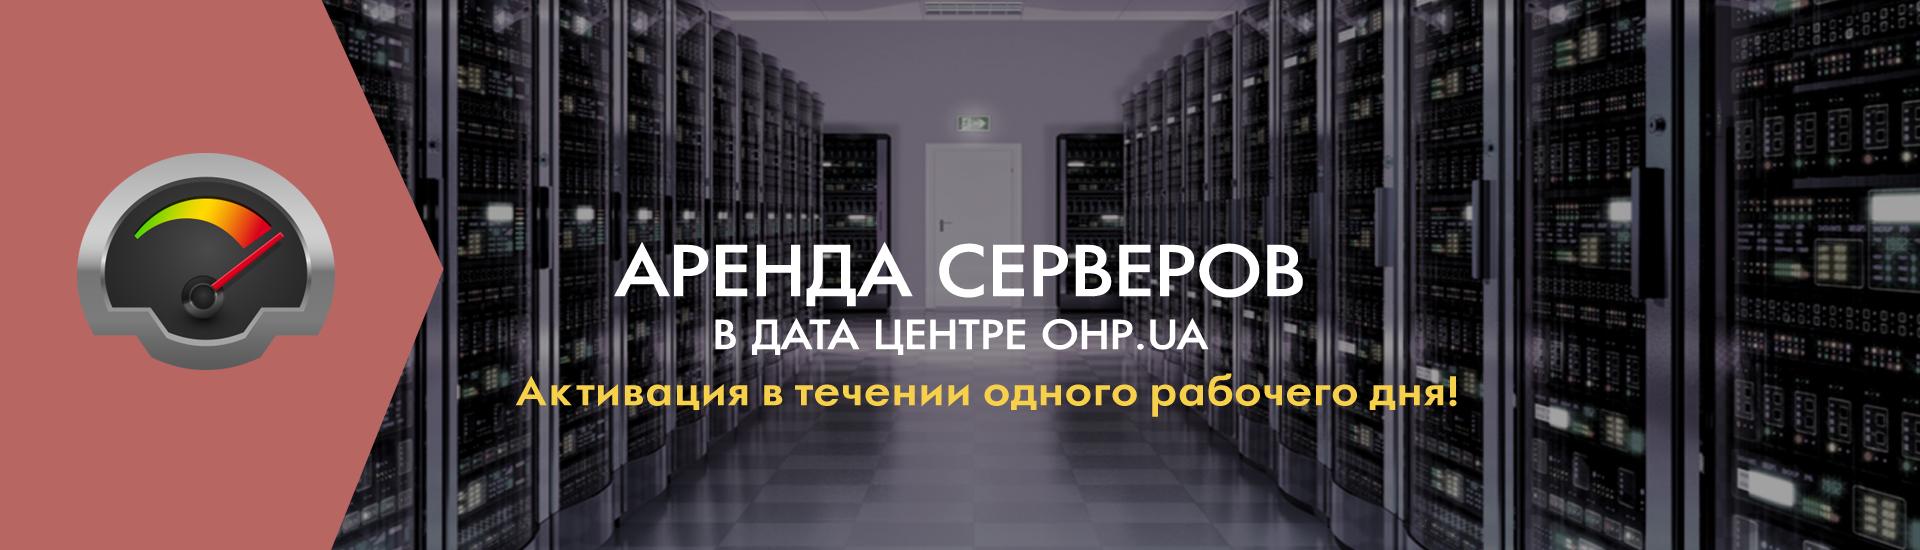 Арендовать сервер в датацентре купить видеокарту nvidia geforce gt 750